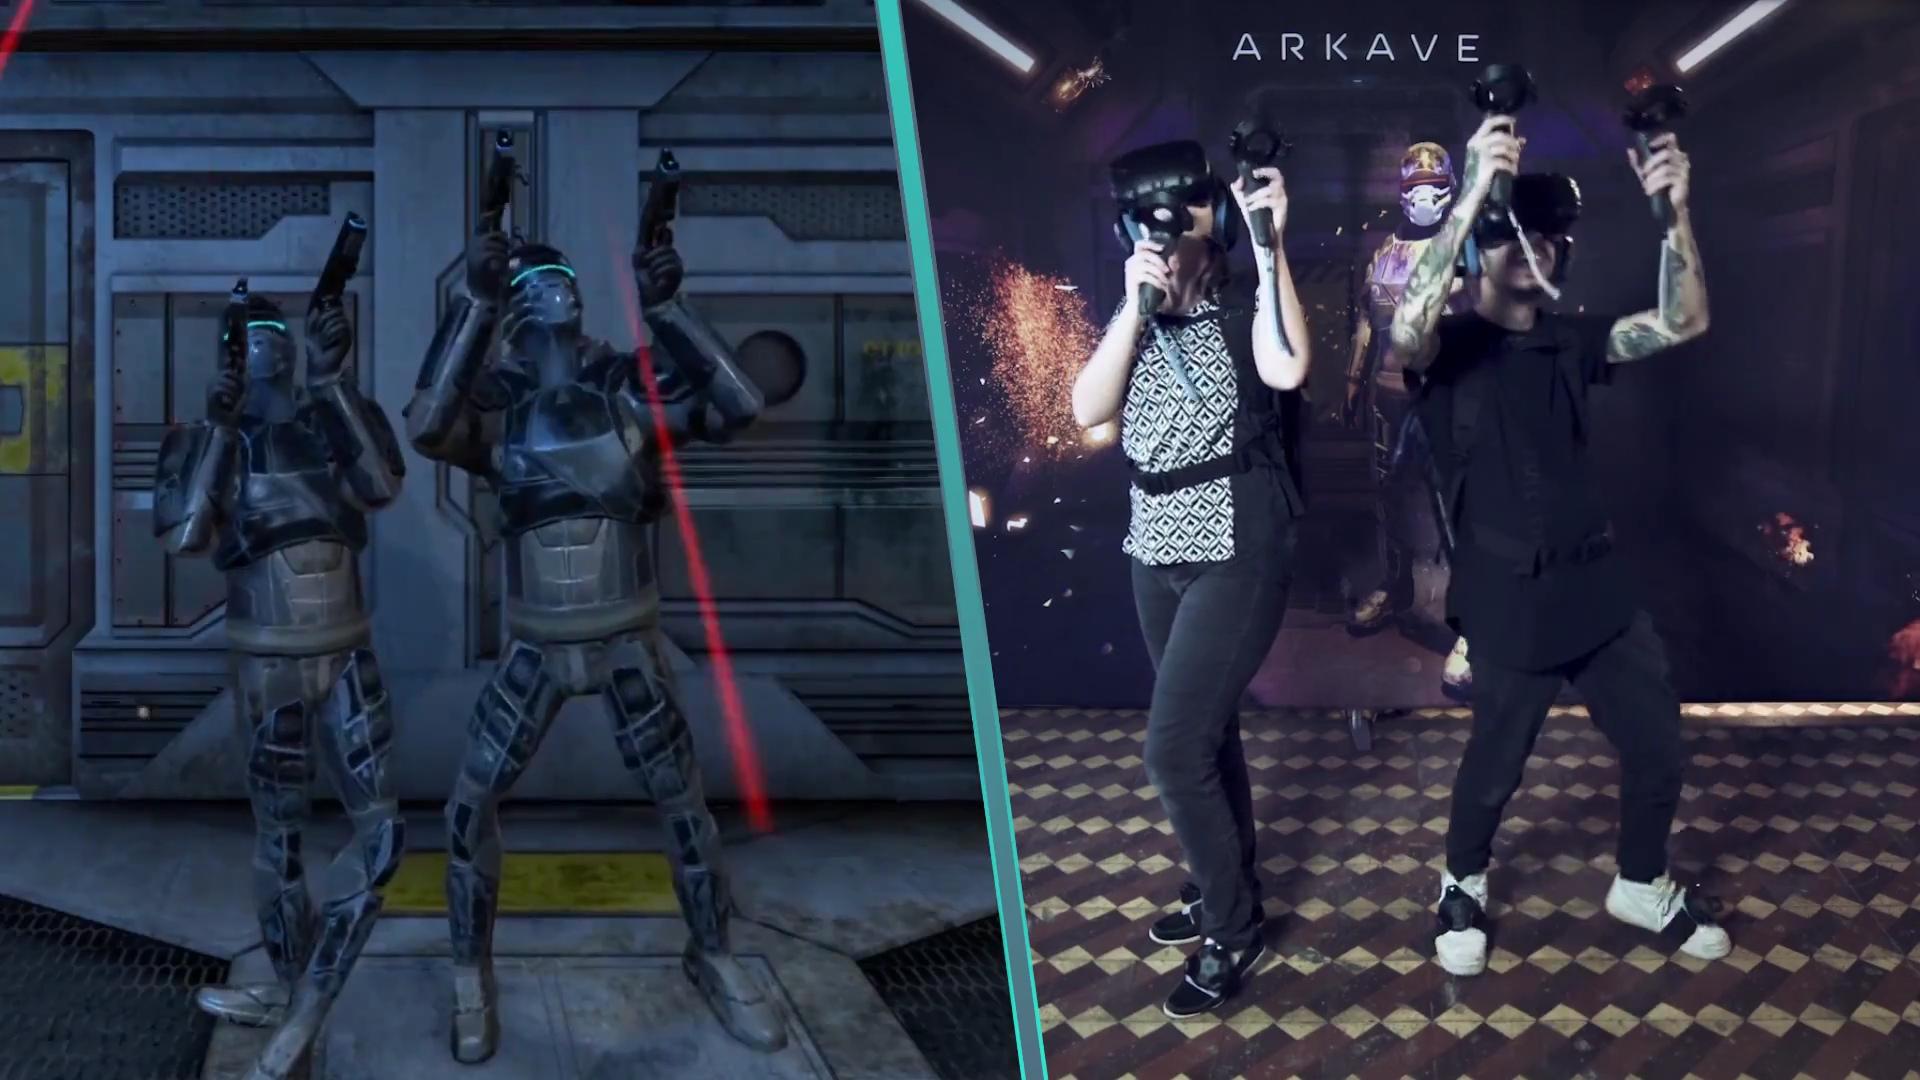 Arkave - Imagem do Trailer